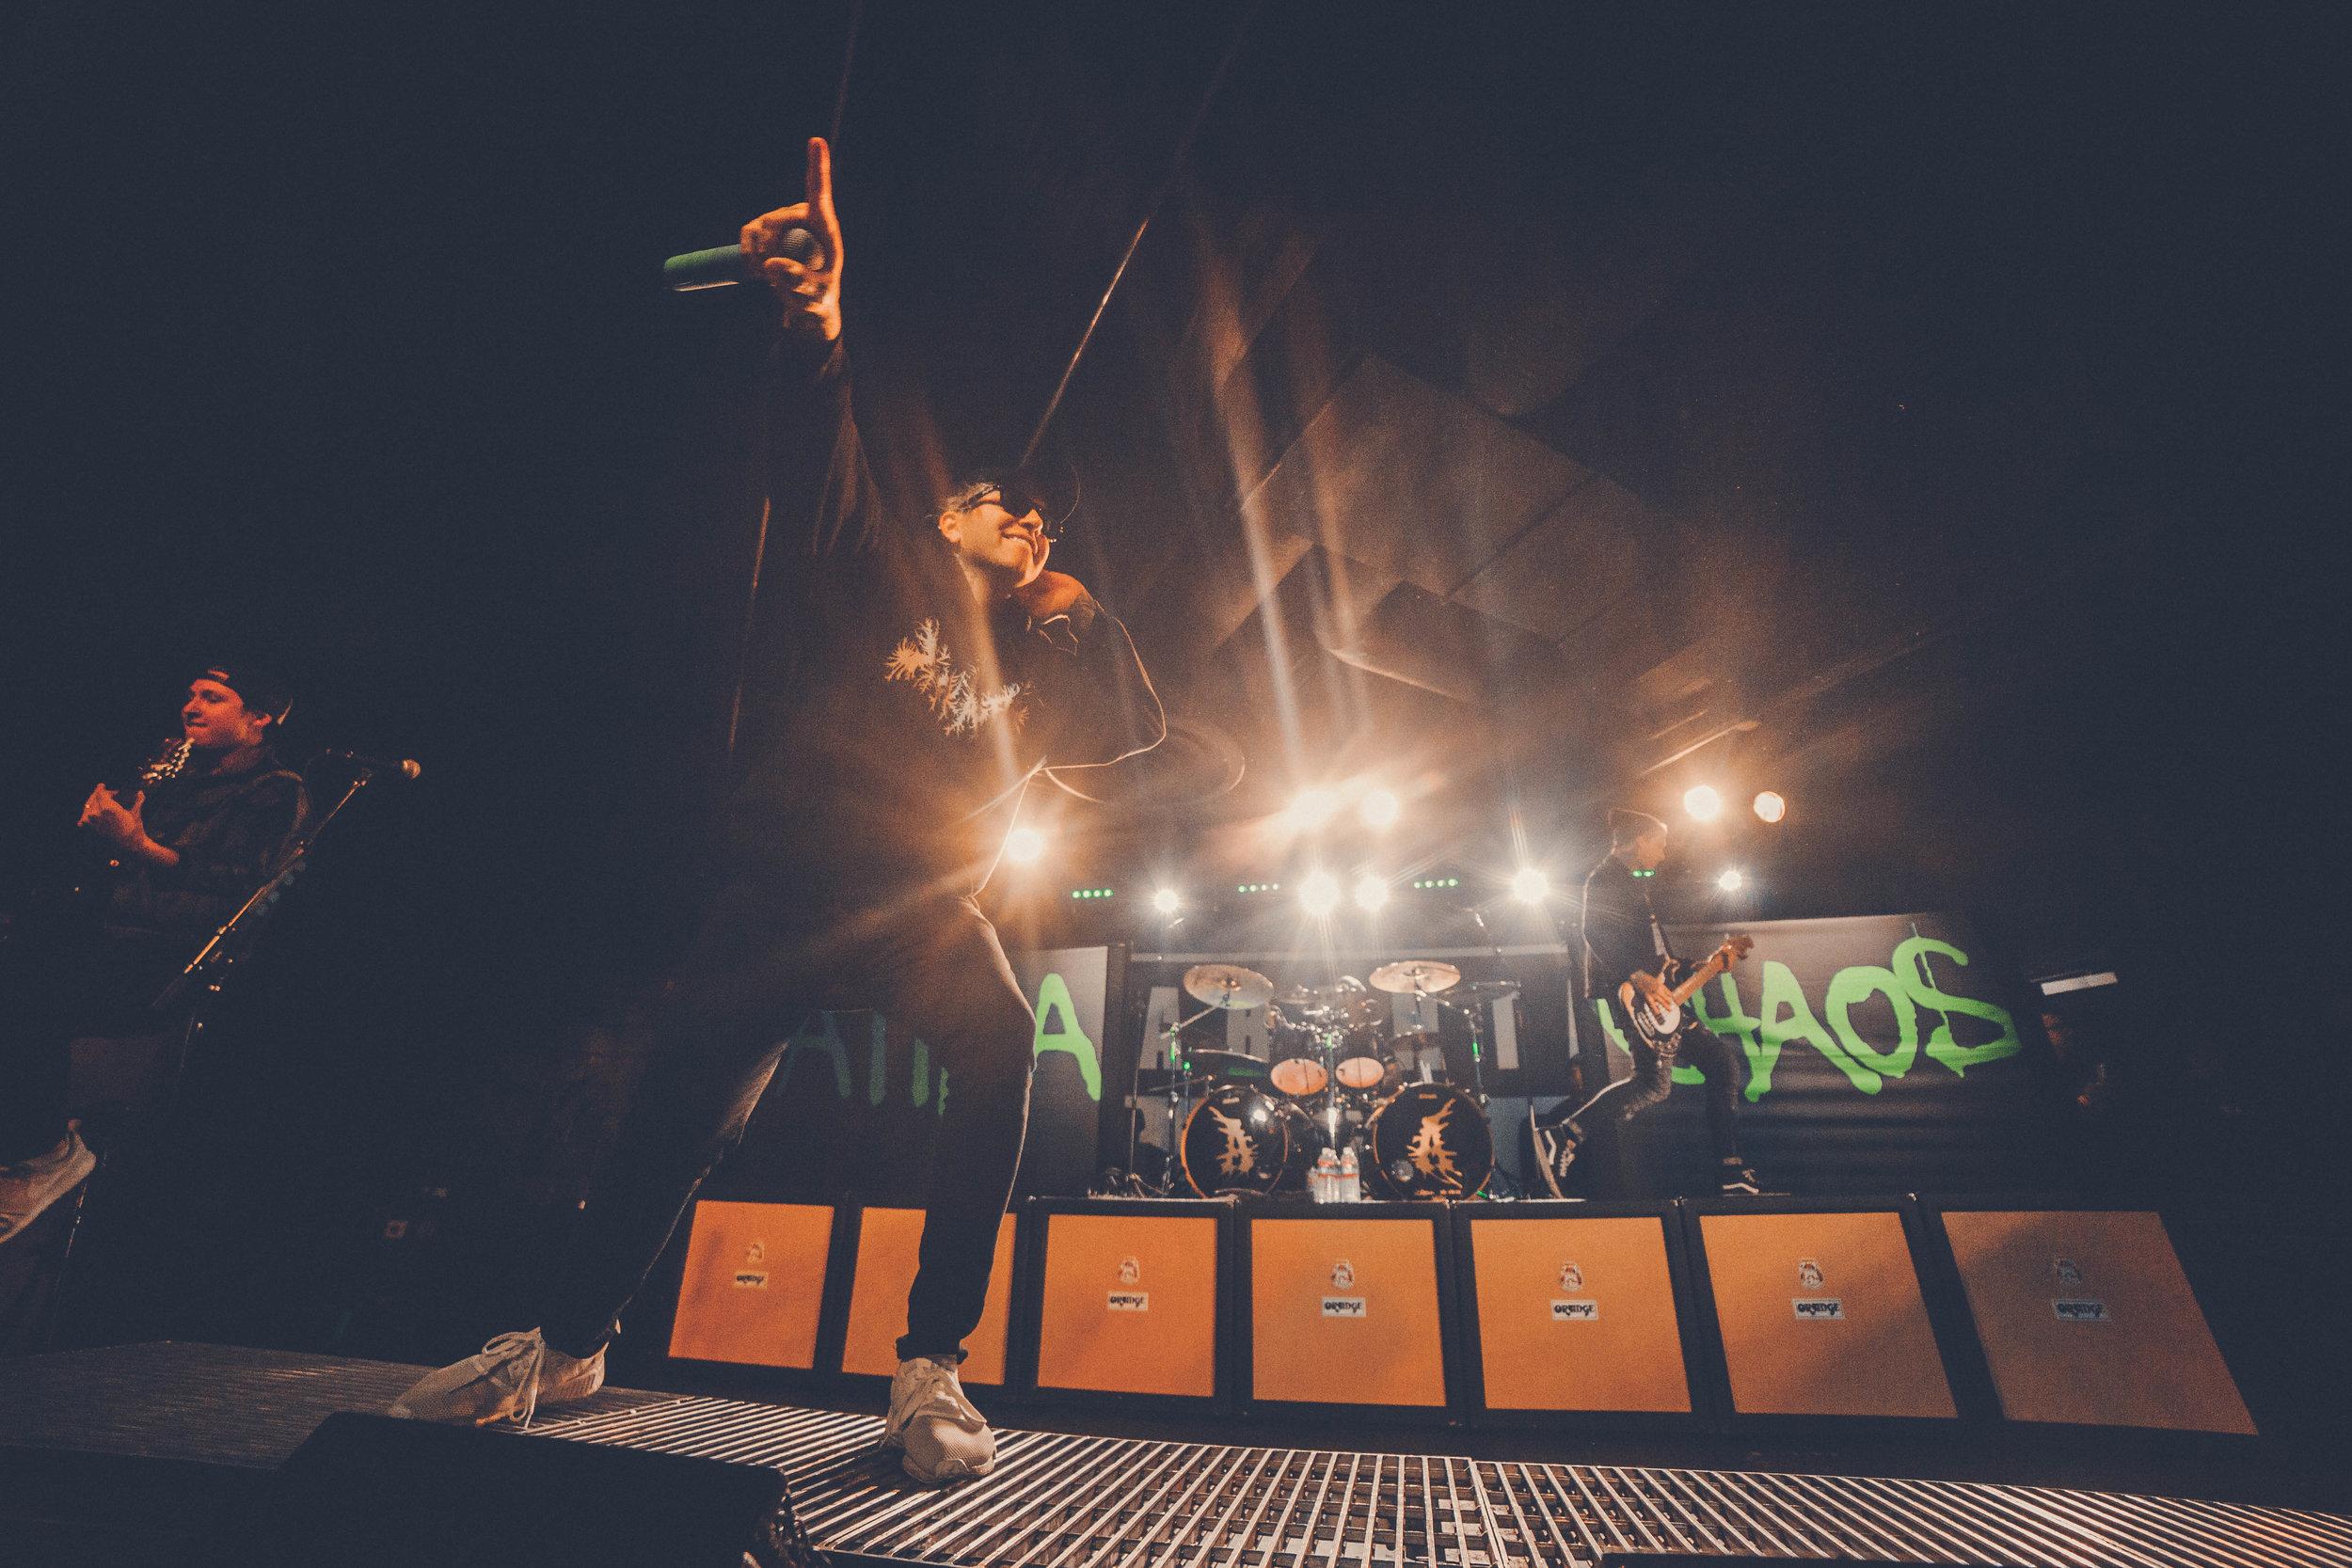 Attila @ The Chaos Tour. Shot for Bringthenoise.com!